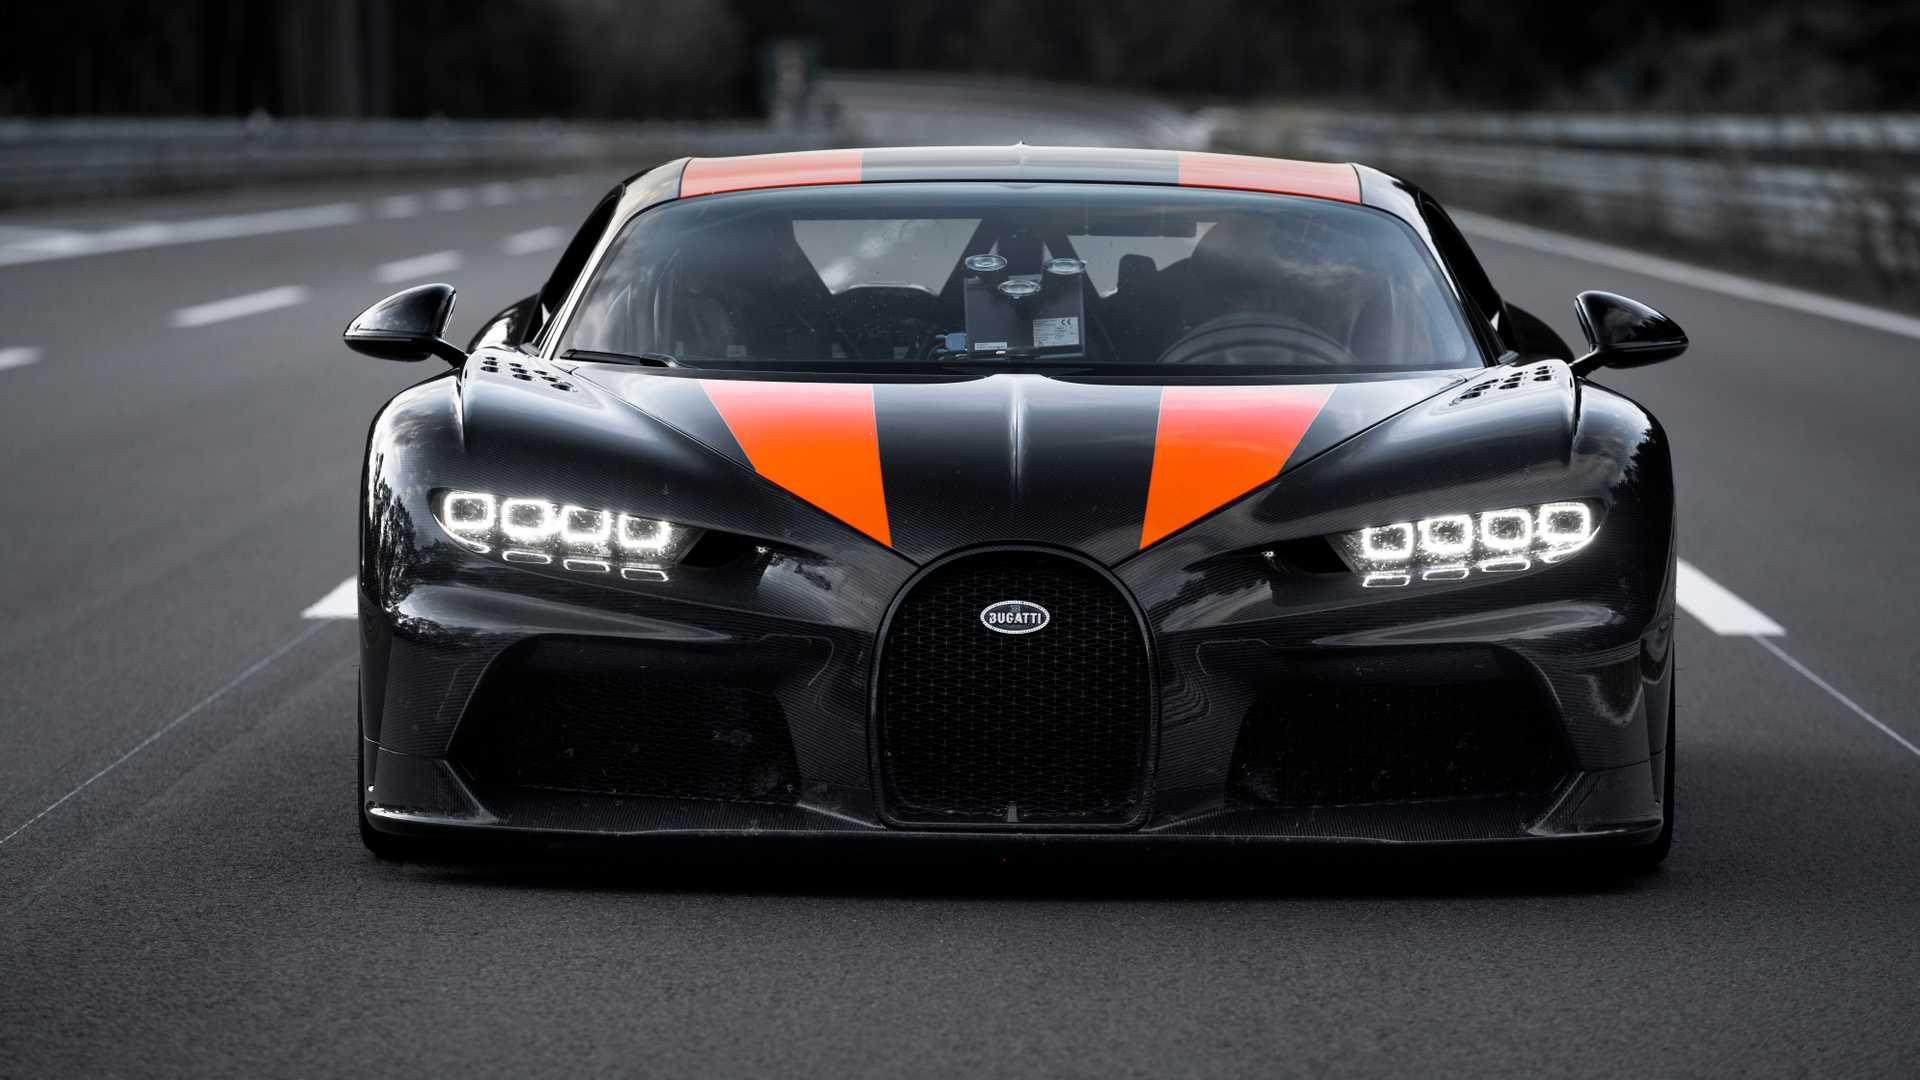 Bugatti ya prepara un Chiron más rápido y potente, y te traemos los primeros detalles